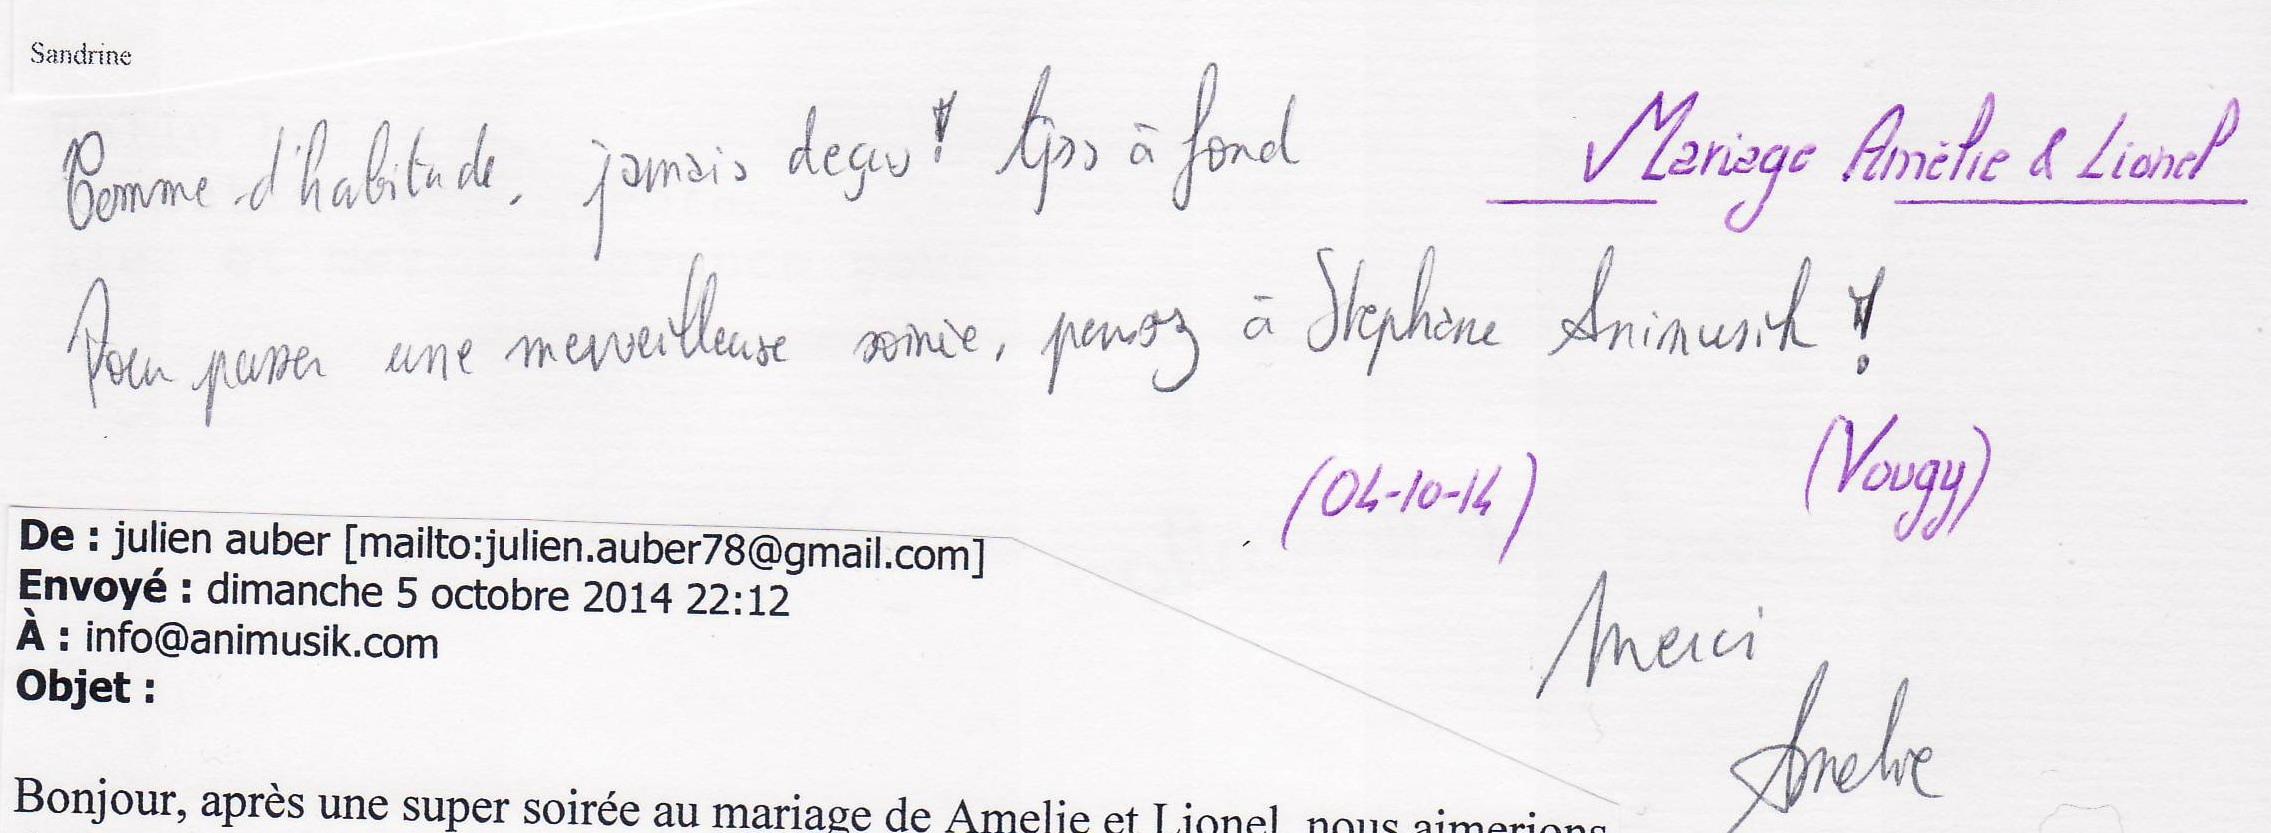 Mariage_QUENIART_Lionel_&_SIX_Amélie_(Vougy)_(04-10-2014)